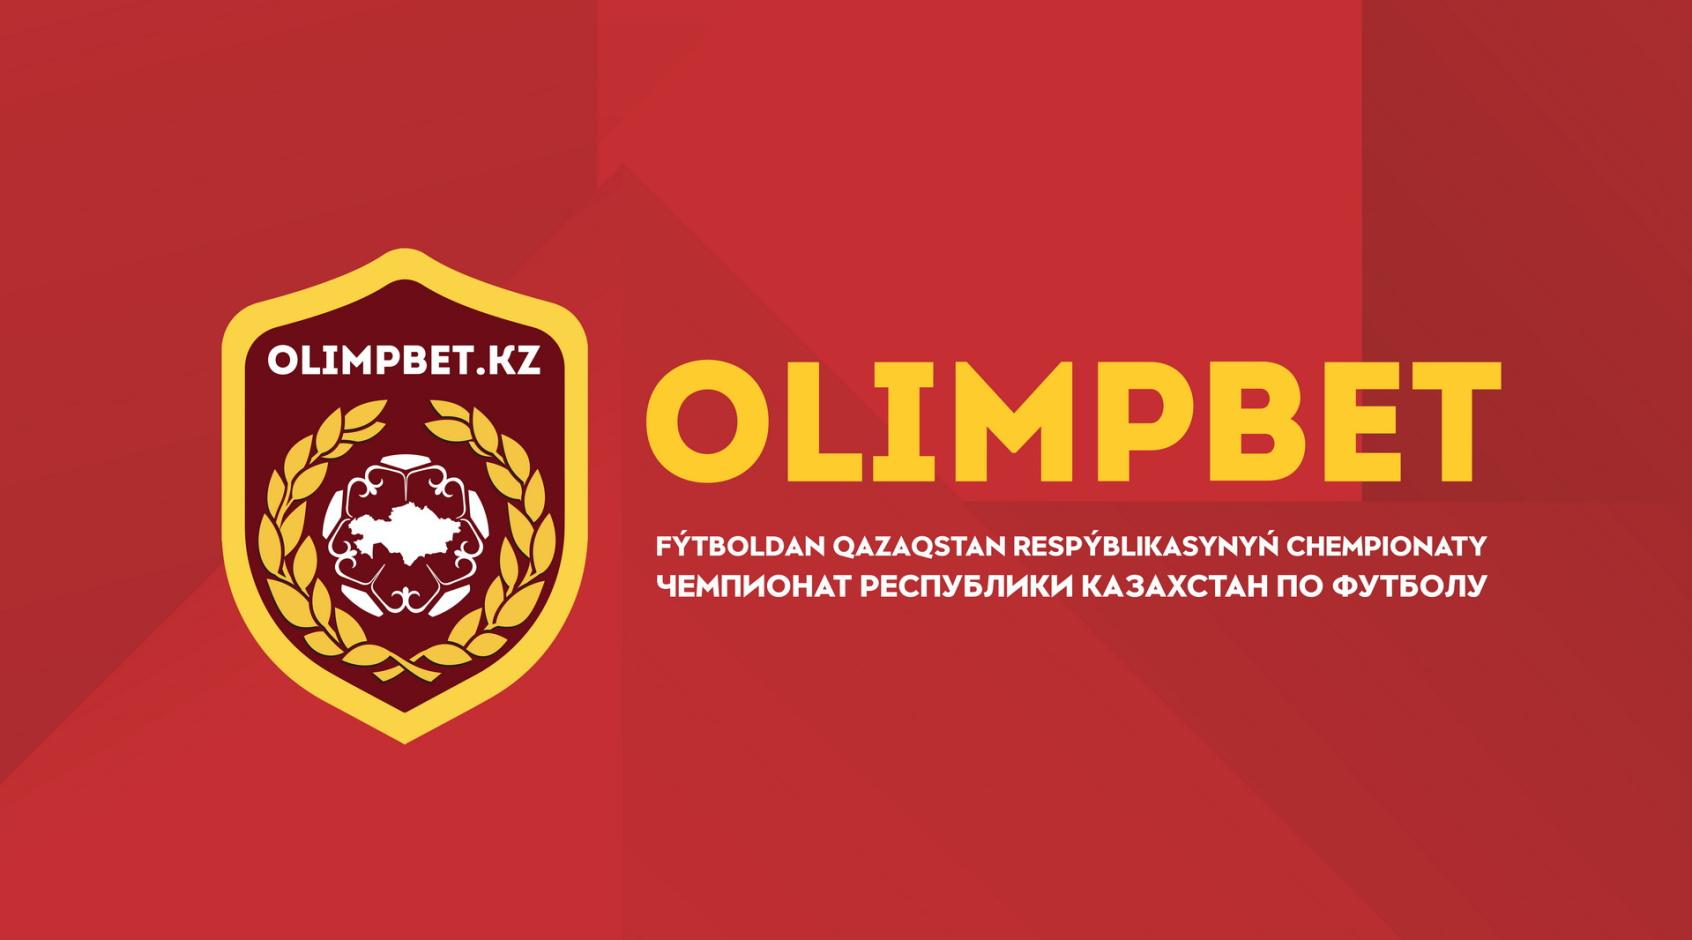 Официально: чемпионат Казахстана приостановлен на 14 дней из-за коронавируса